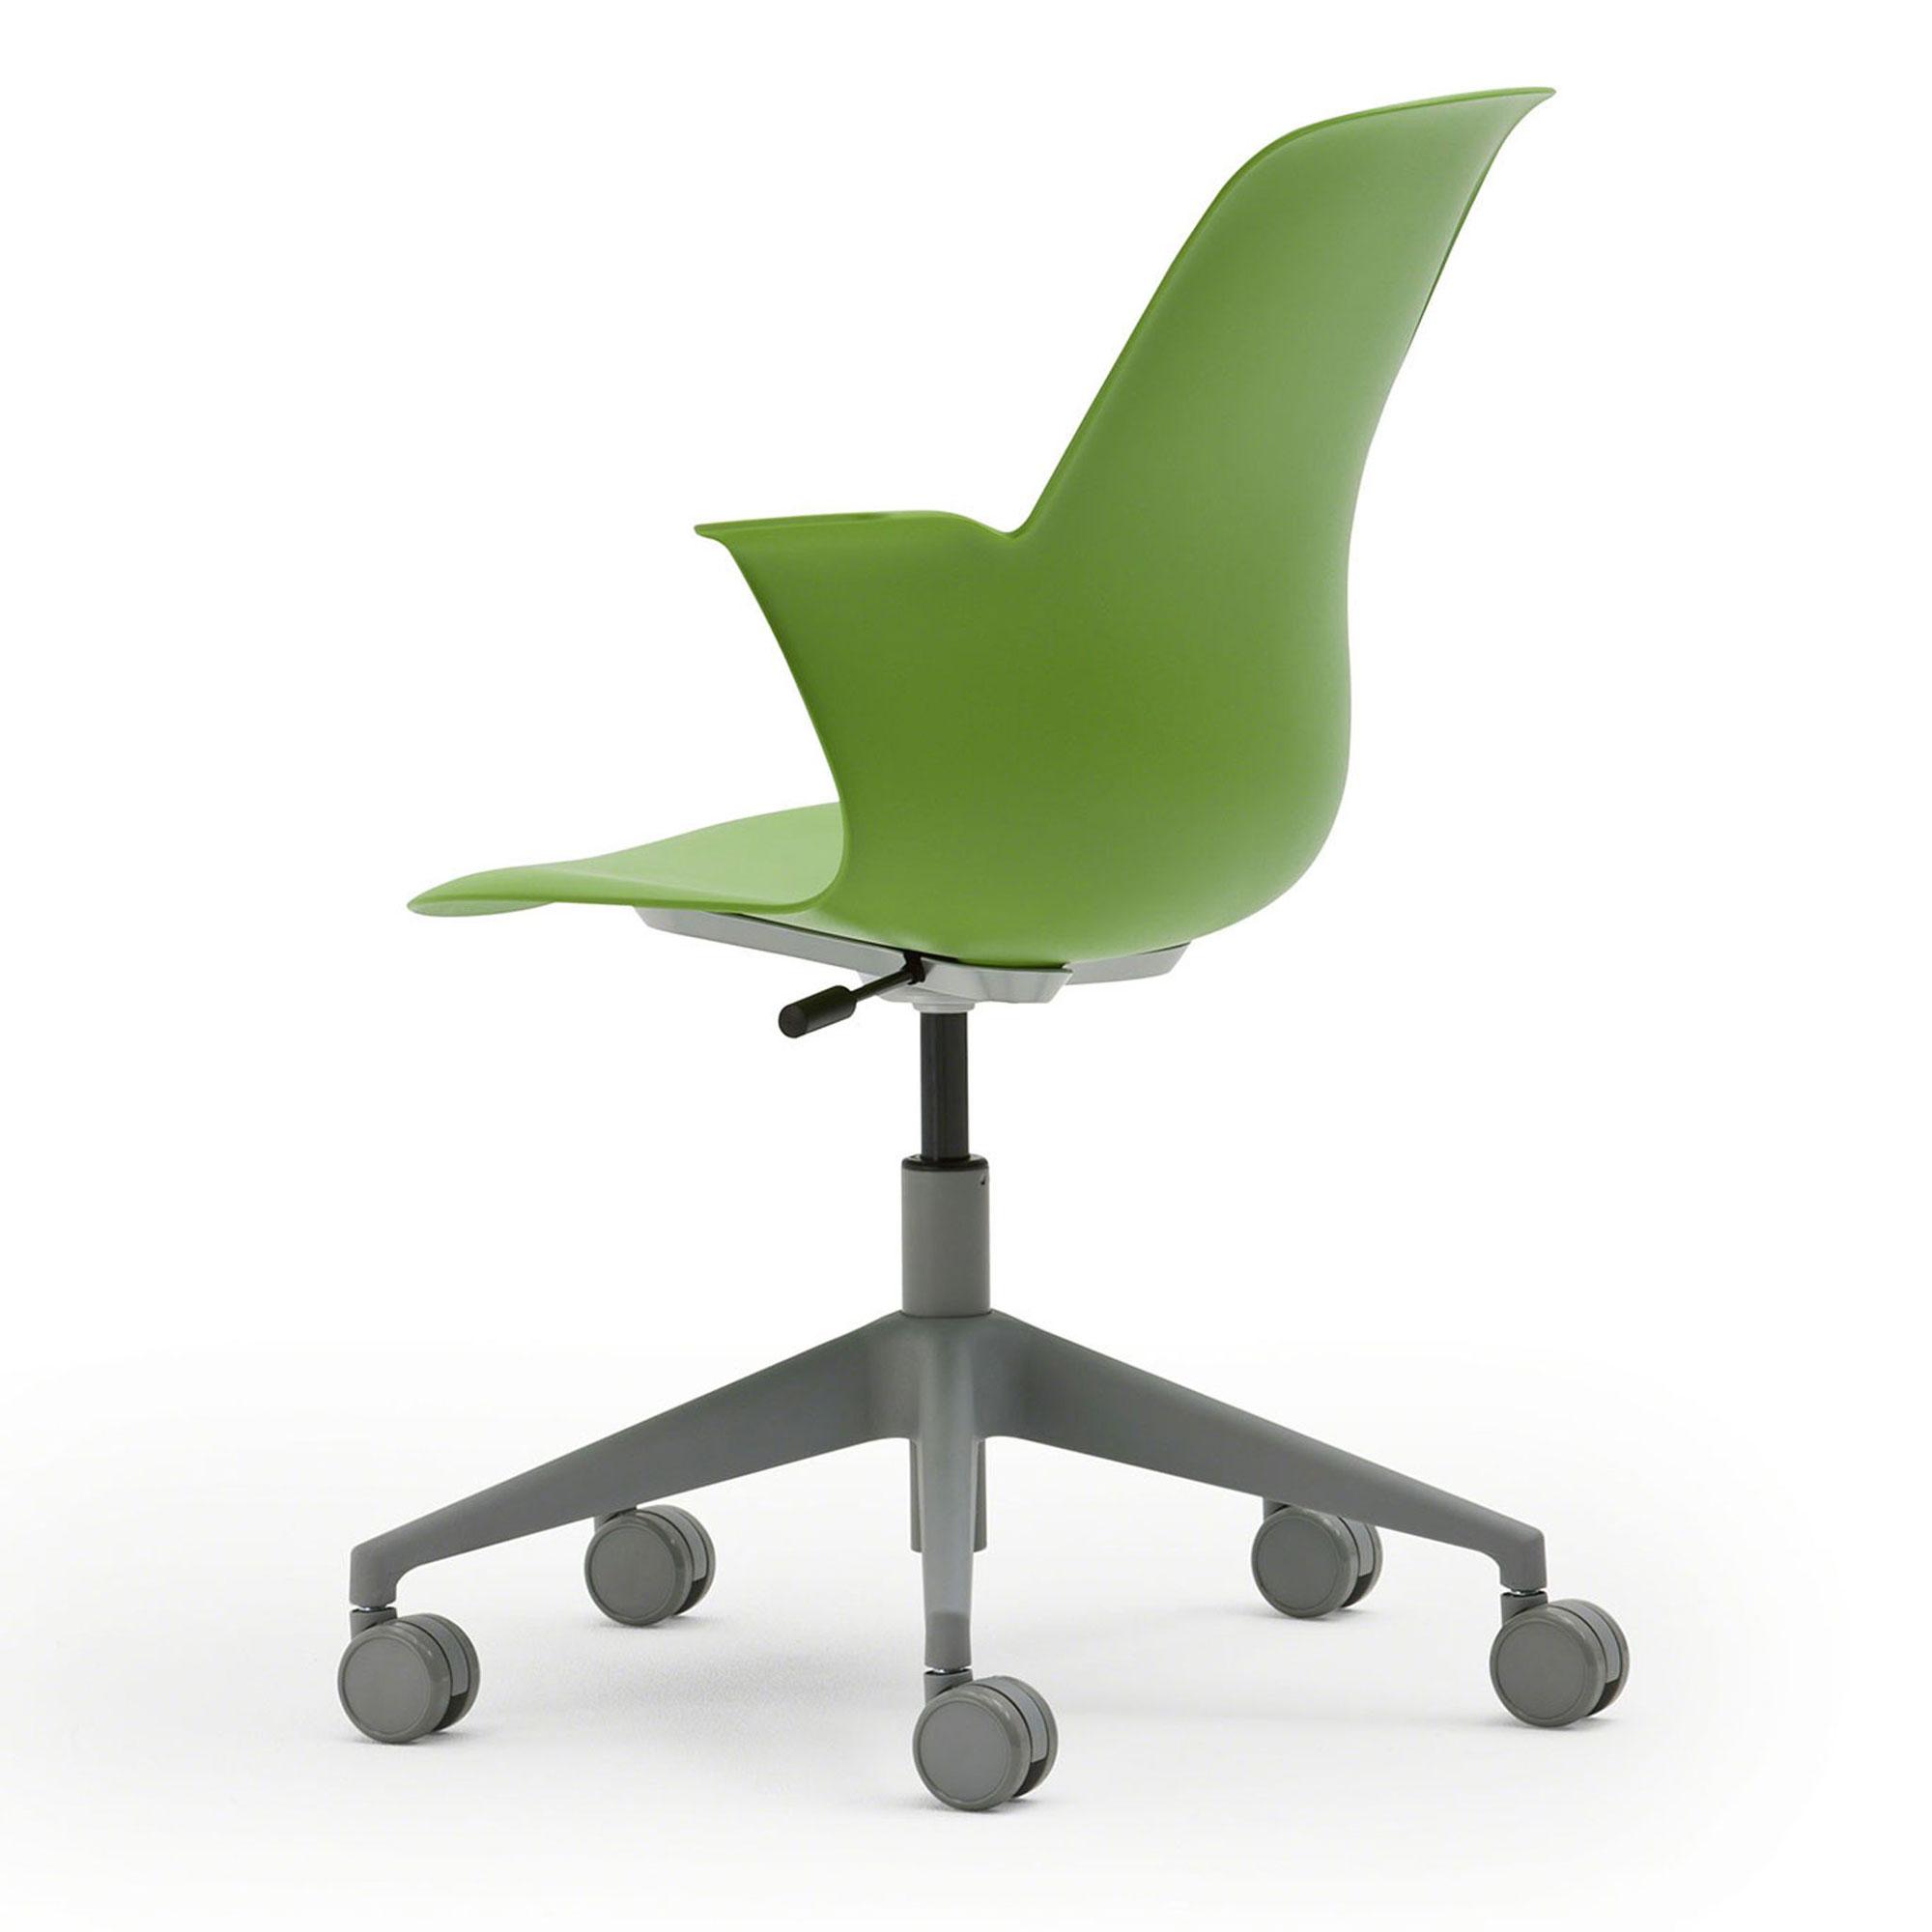 Steelcase NODE Seminarstuhl mit 5-Sternfußkreuz ohne Schreibtablar